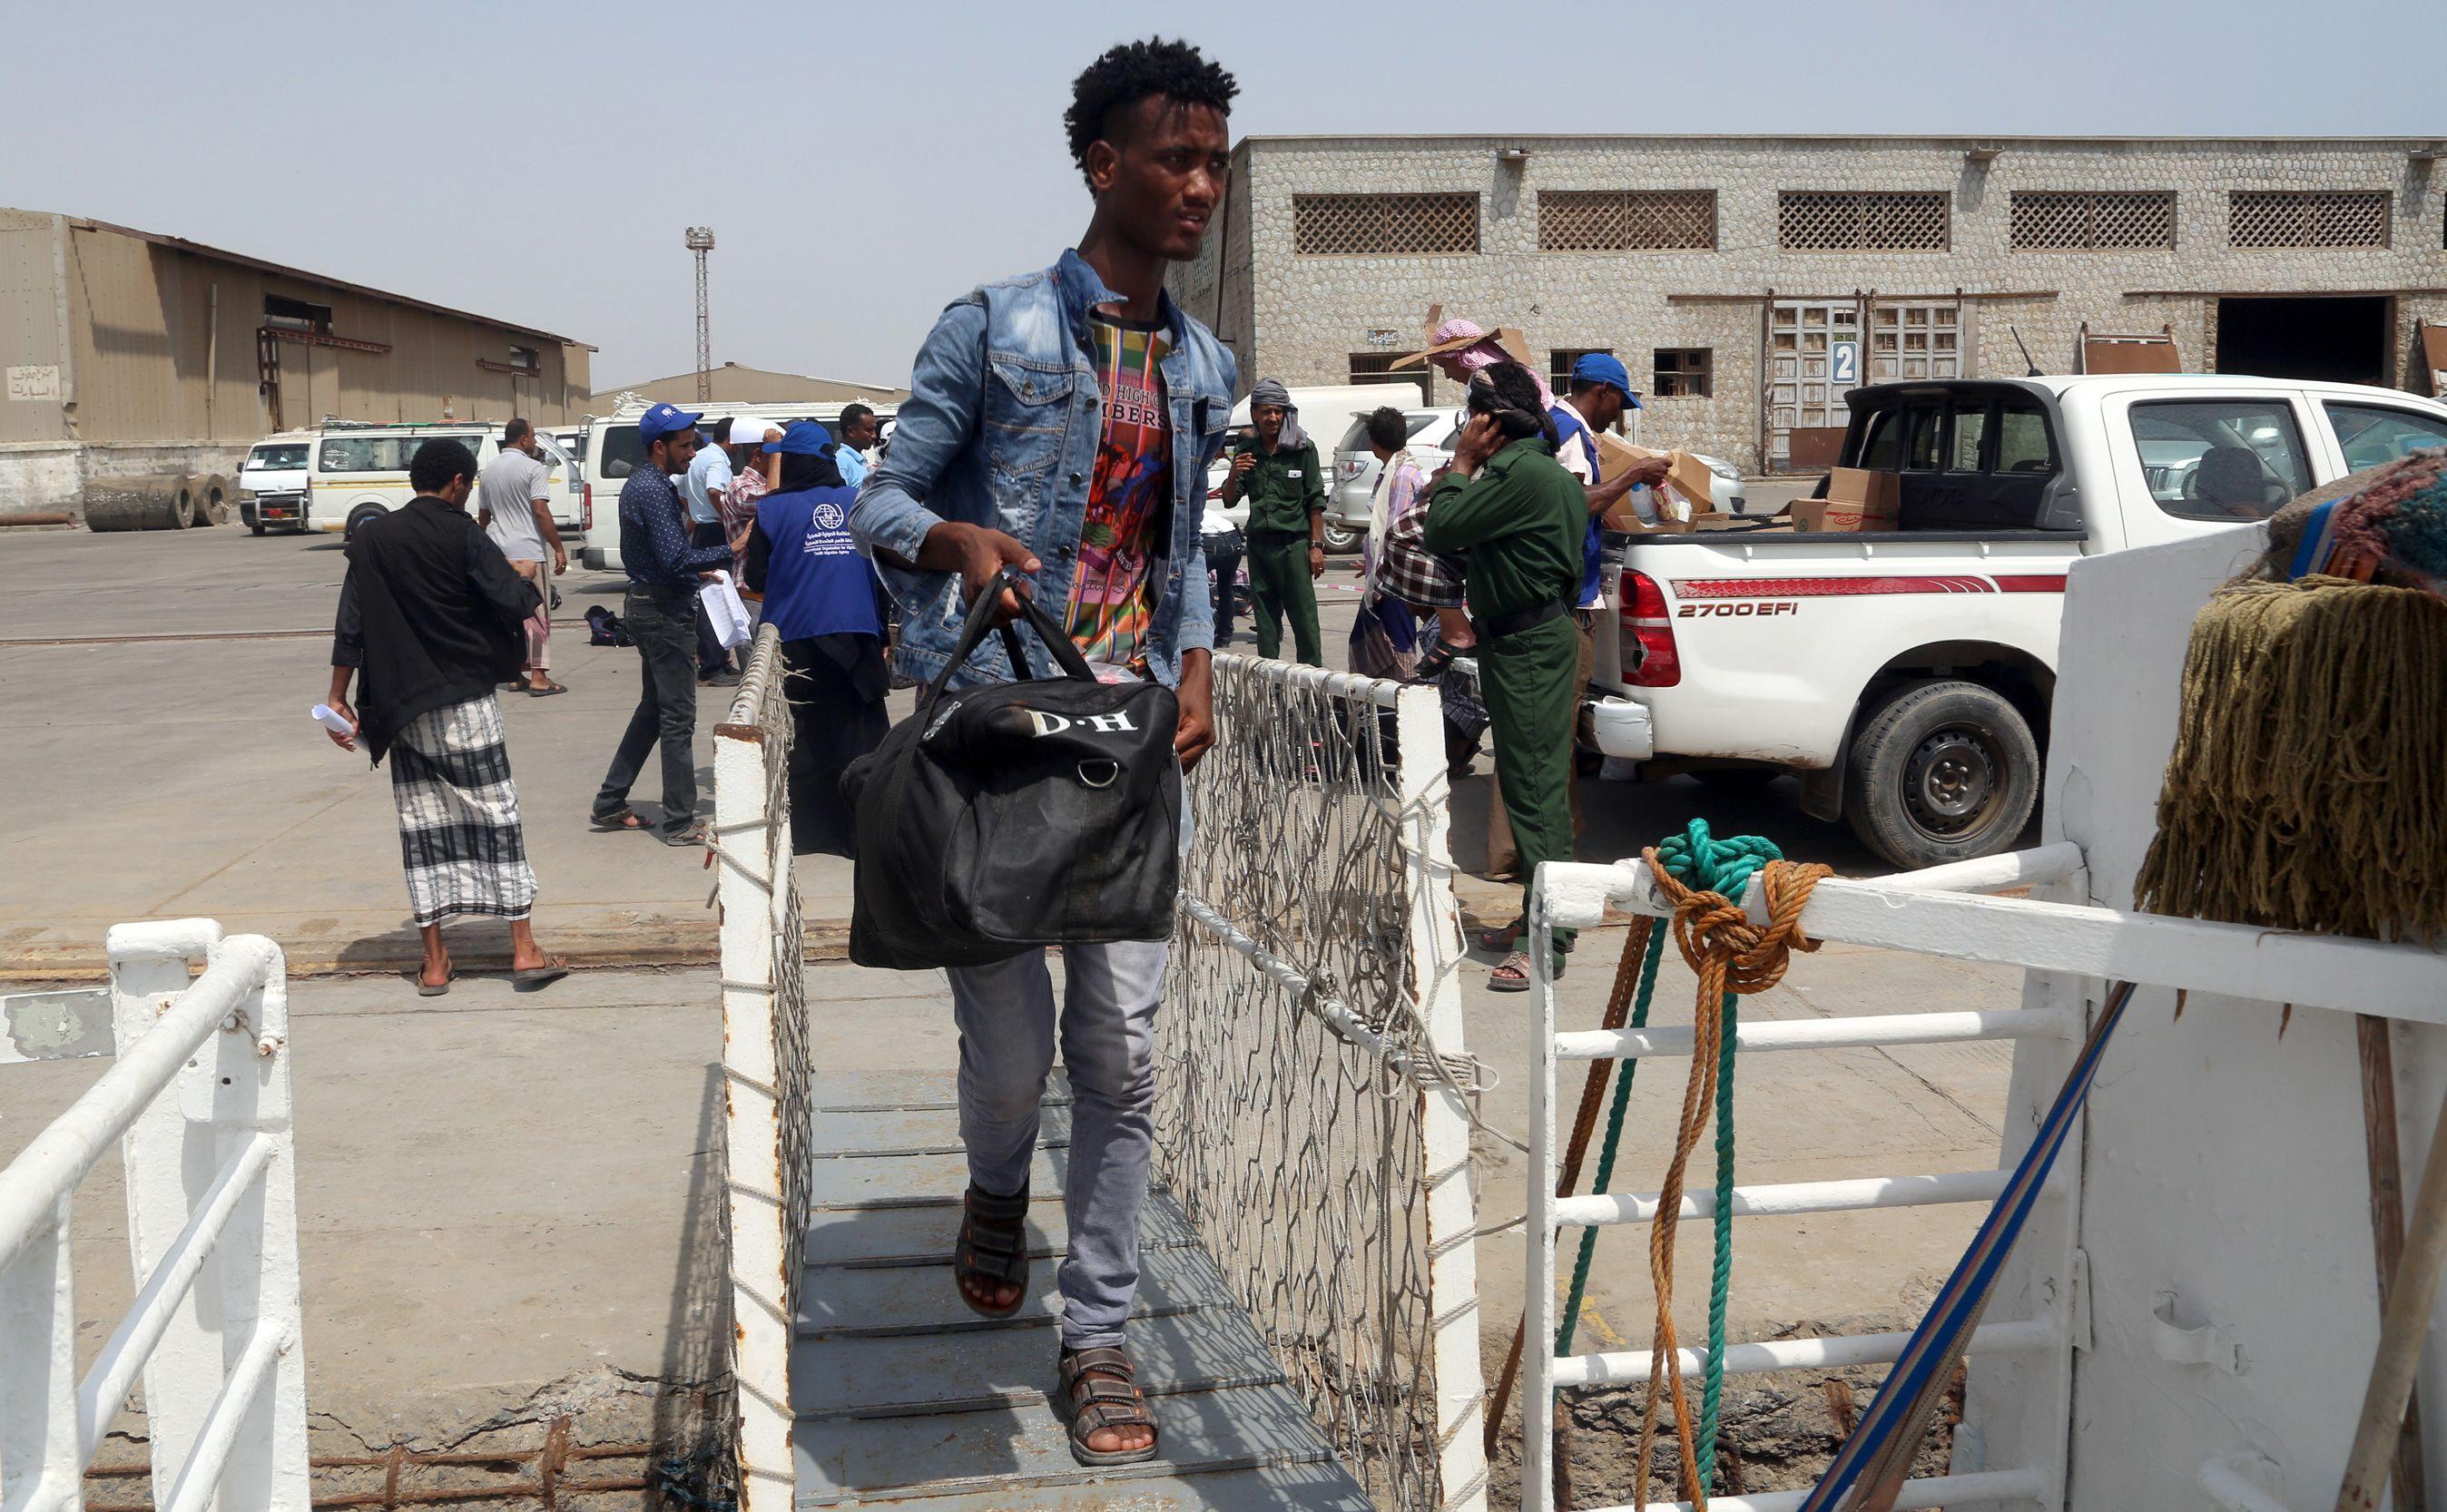 مهاجرون أثيوبيون يغادرون اليمن فى طريق العودة لوطنهم